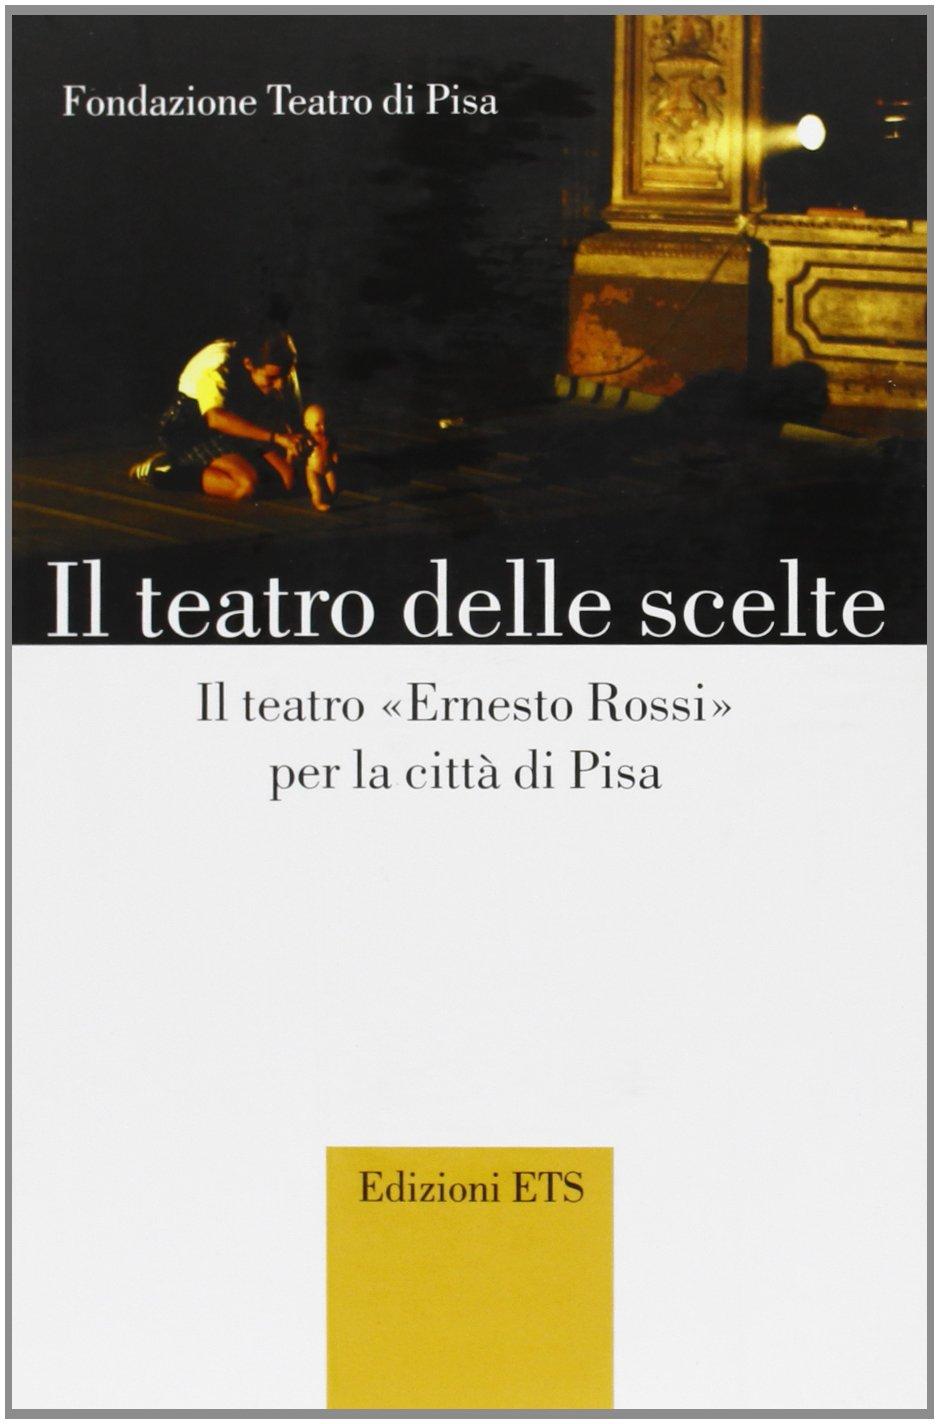 Il teatro delle scelte. Il teatro «Ernesto Rossi» per la città di Pisa